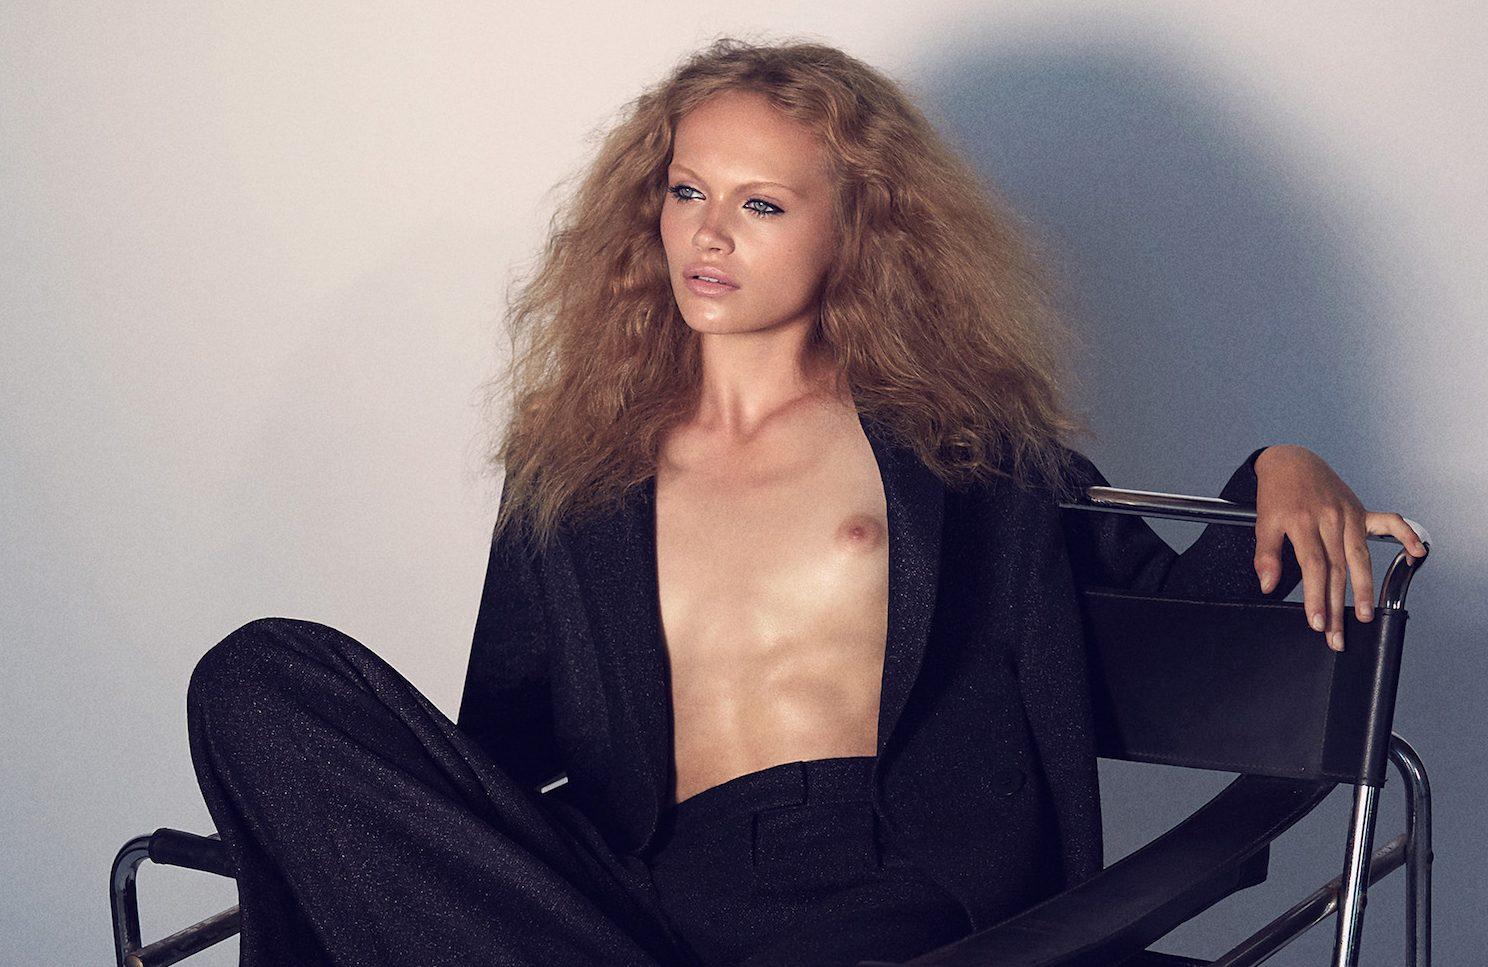 Mae Van Der Weide by Zoey Grossman